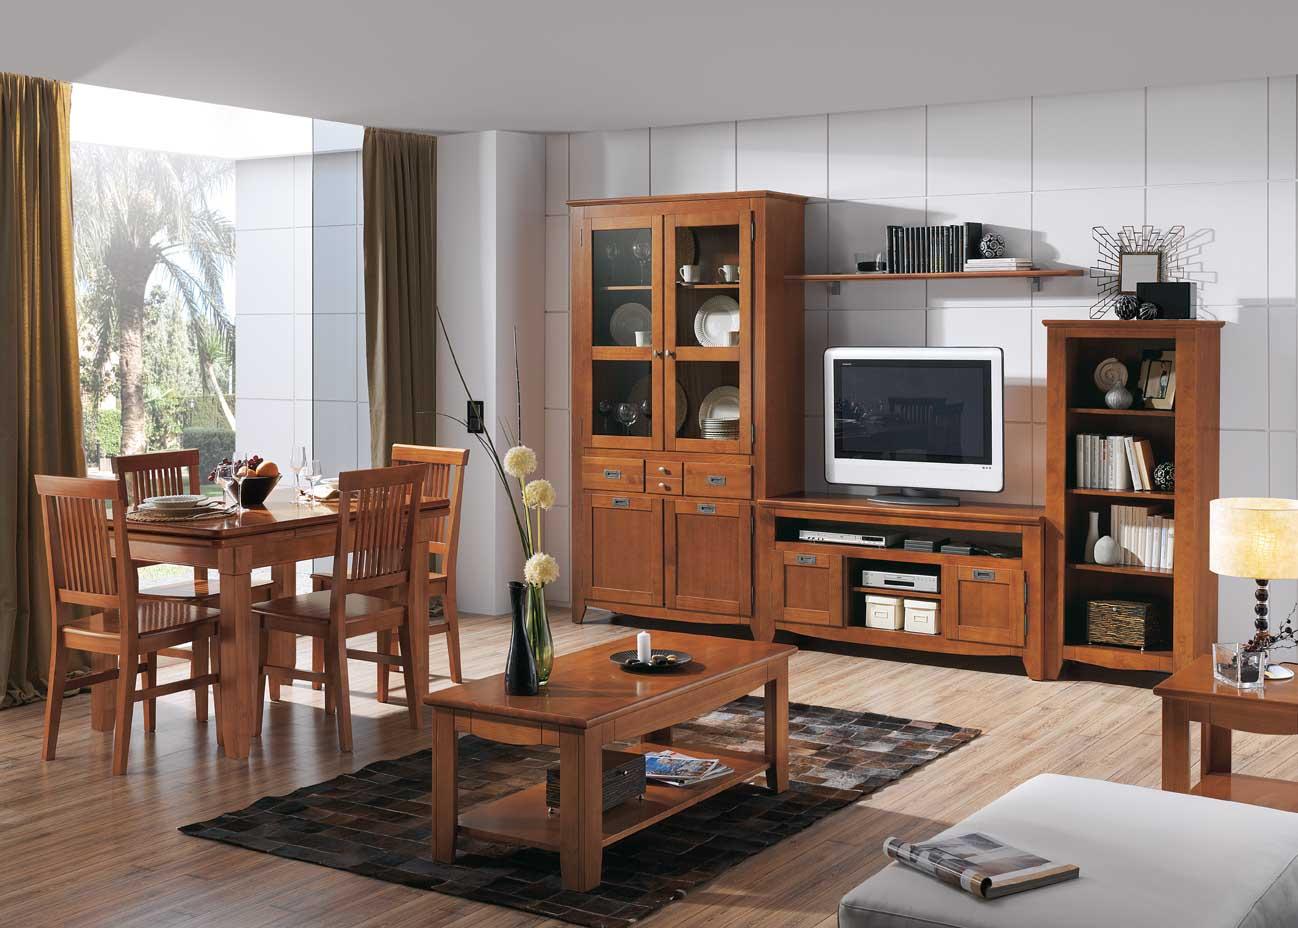 Uni n fabricantes de tresillos librer as de pino en uni n for Fabricantes muebles salon